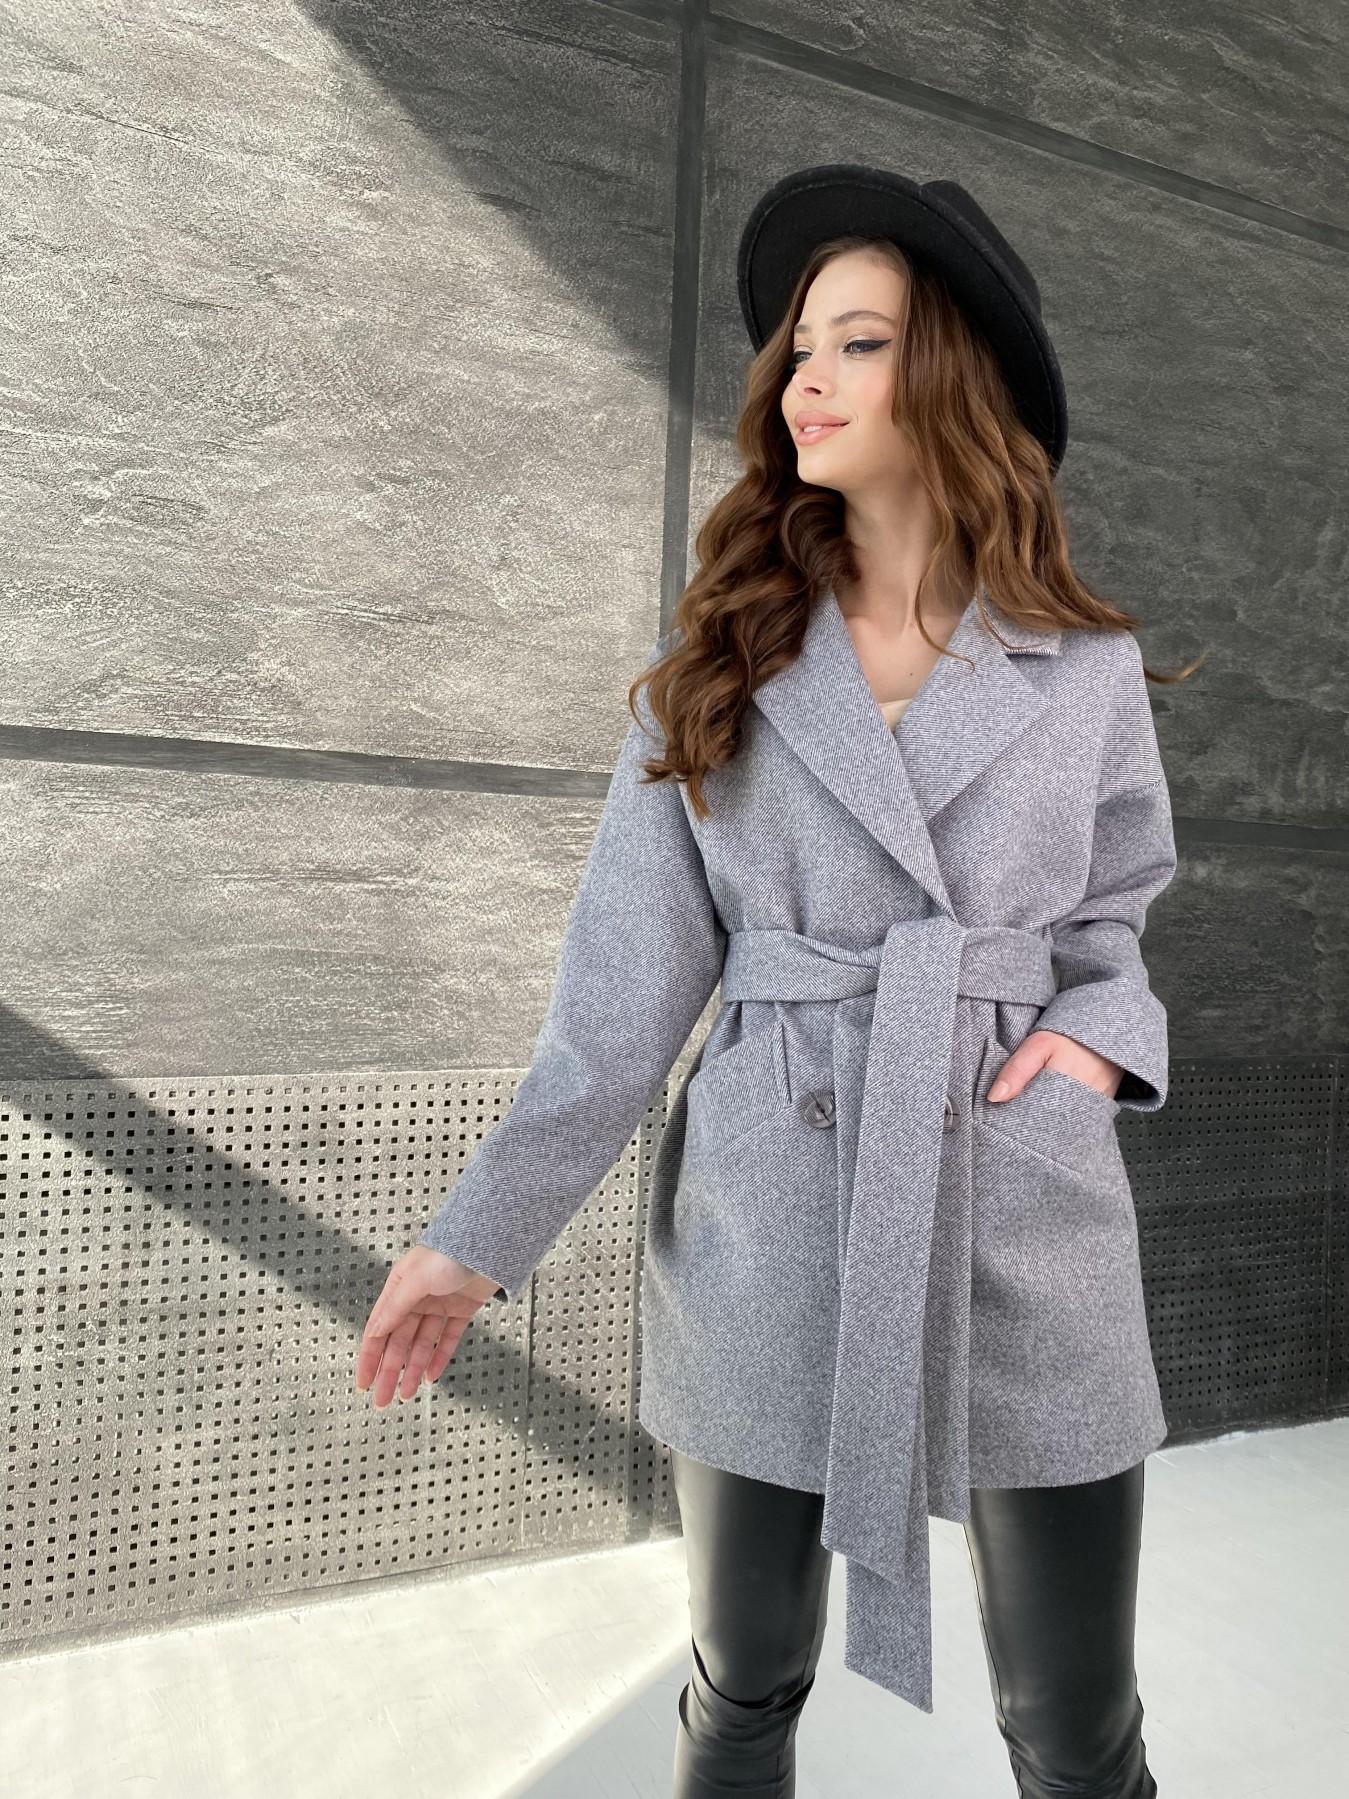 Бонд Диагональ пальто из пальтовой ткани  10757 АРТ. 47191 Цвет: Серый меланж 4 - фото 8, интернет магазин tm-modus.ru